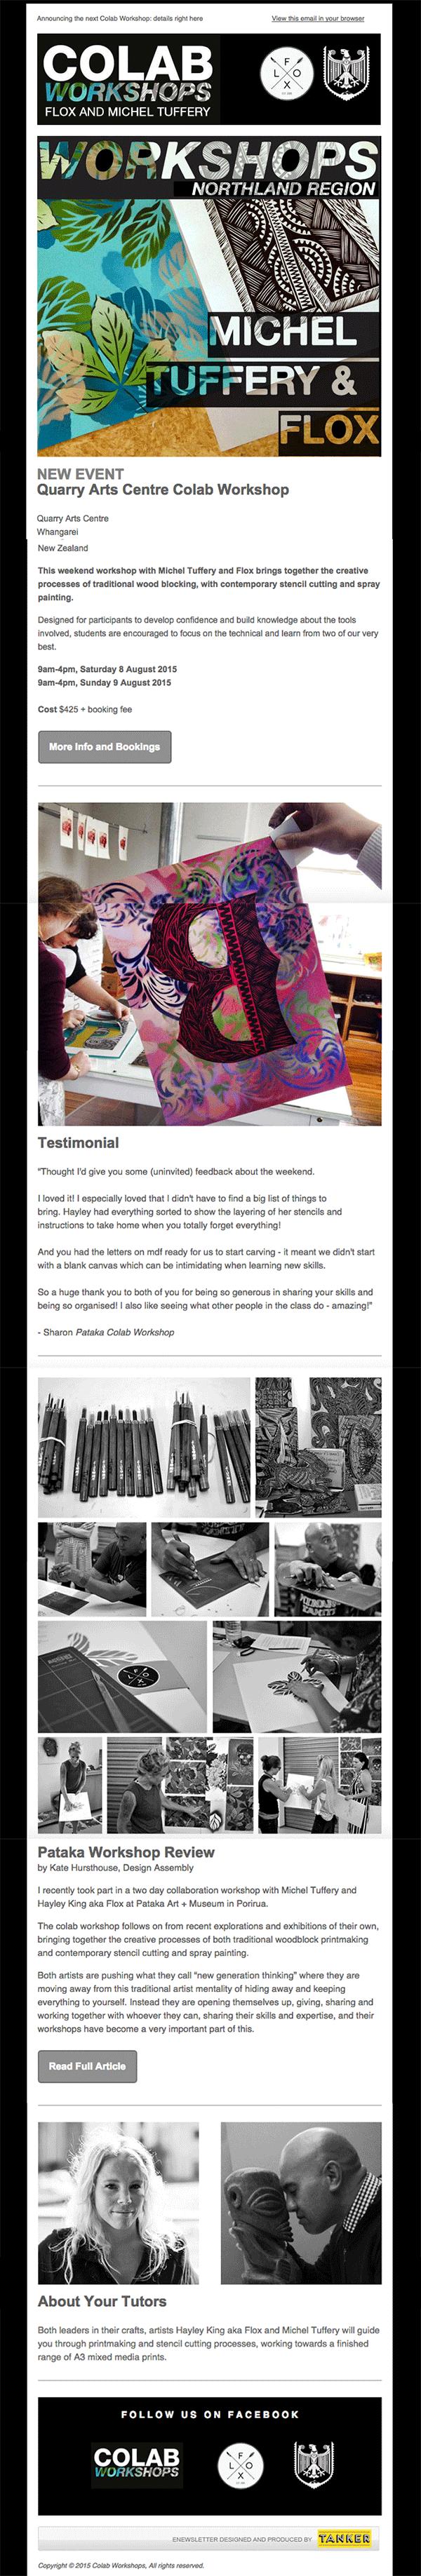 Colab-Workshop-newsletter